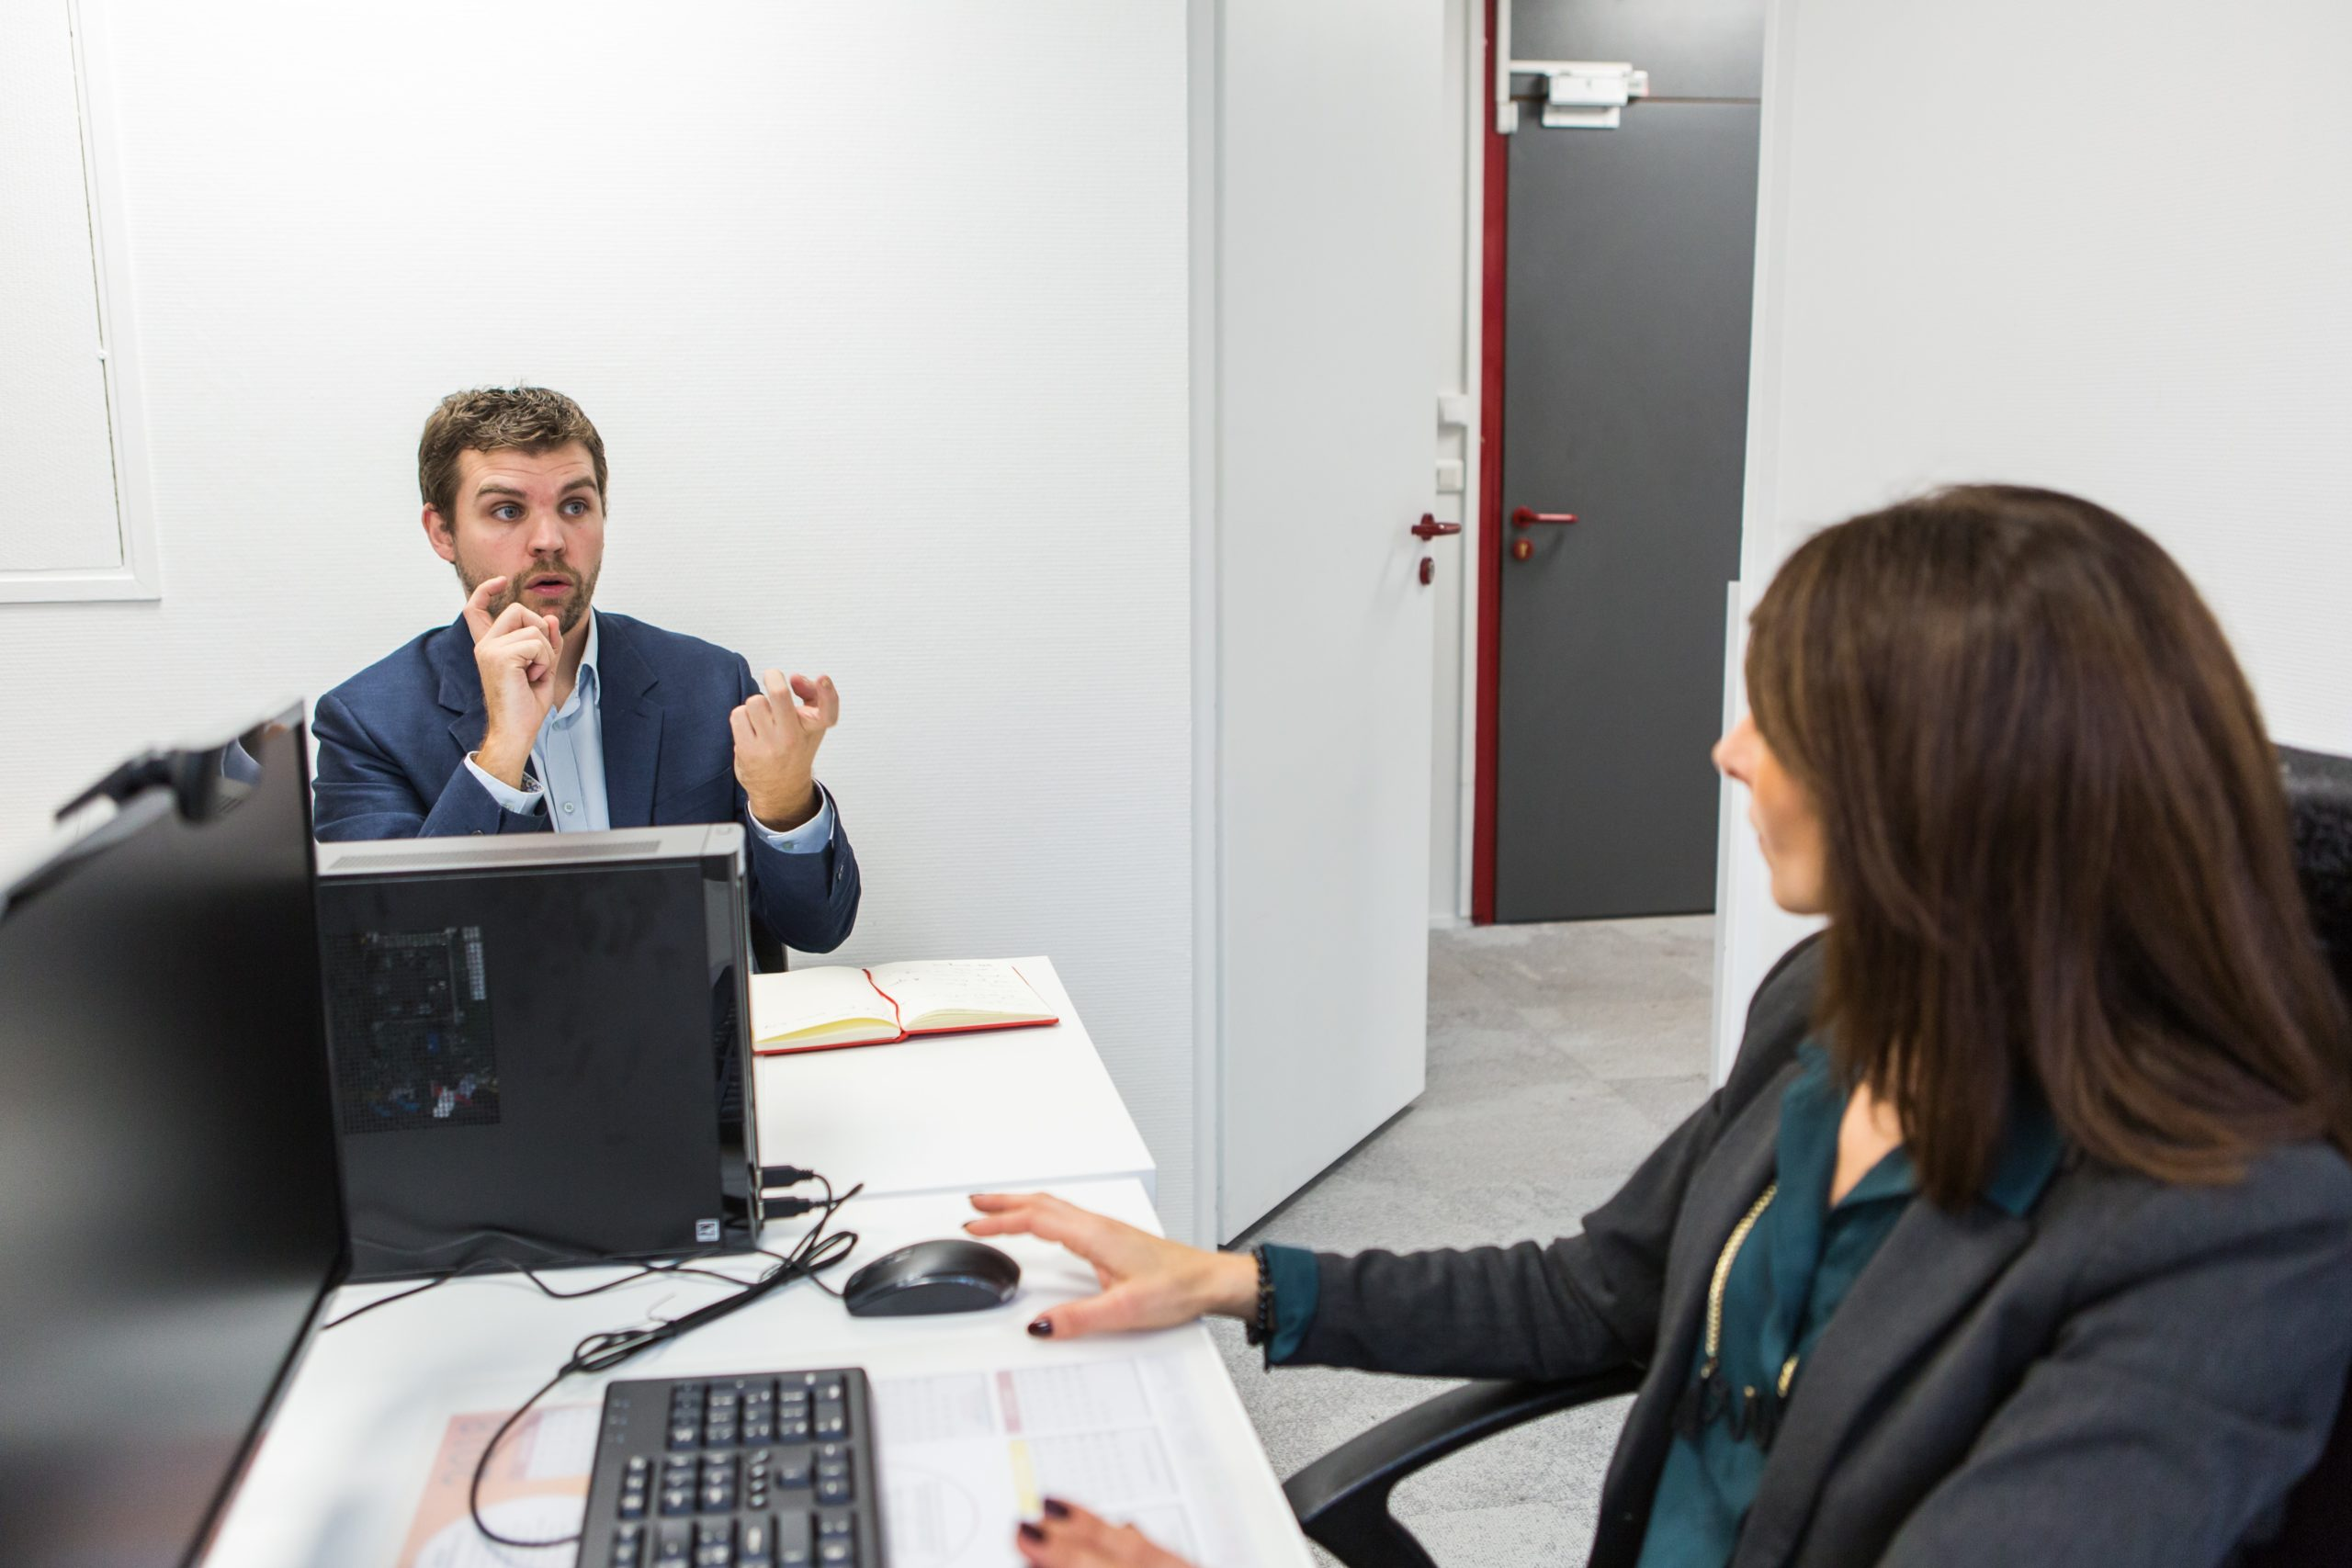 Quelles sont les clés d'un management bienveillant pour intégrer des salariés en situation de handicap ?